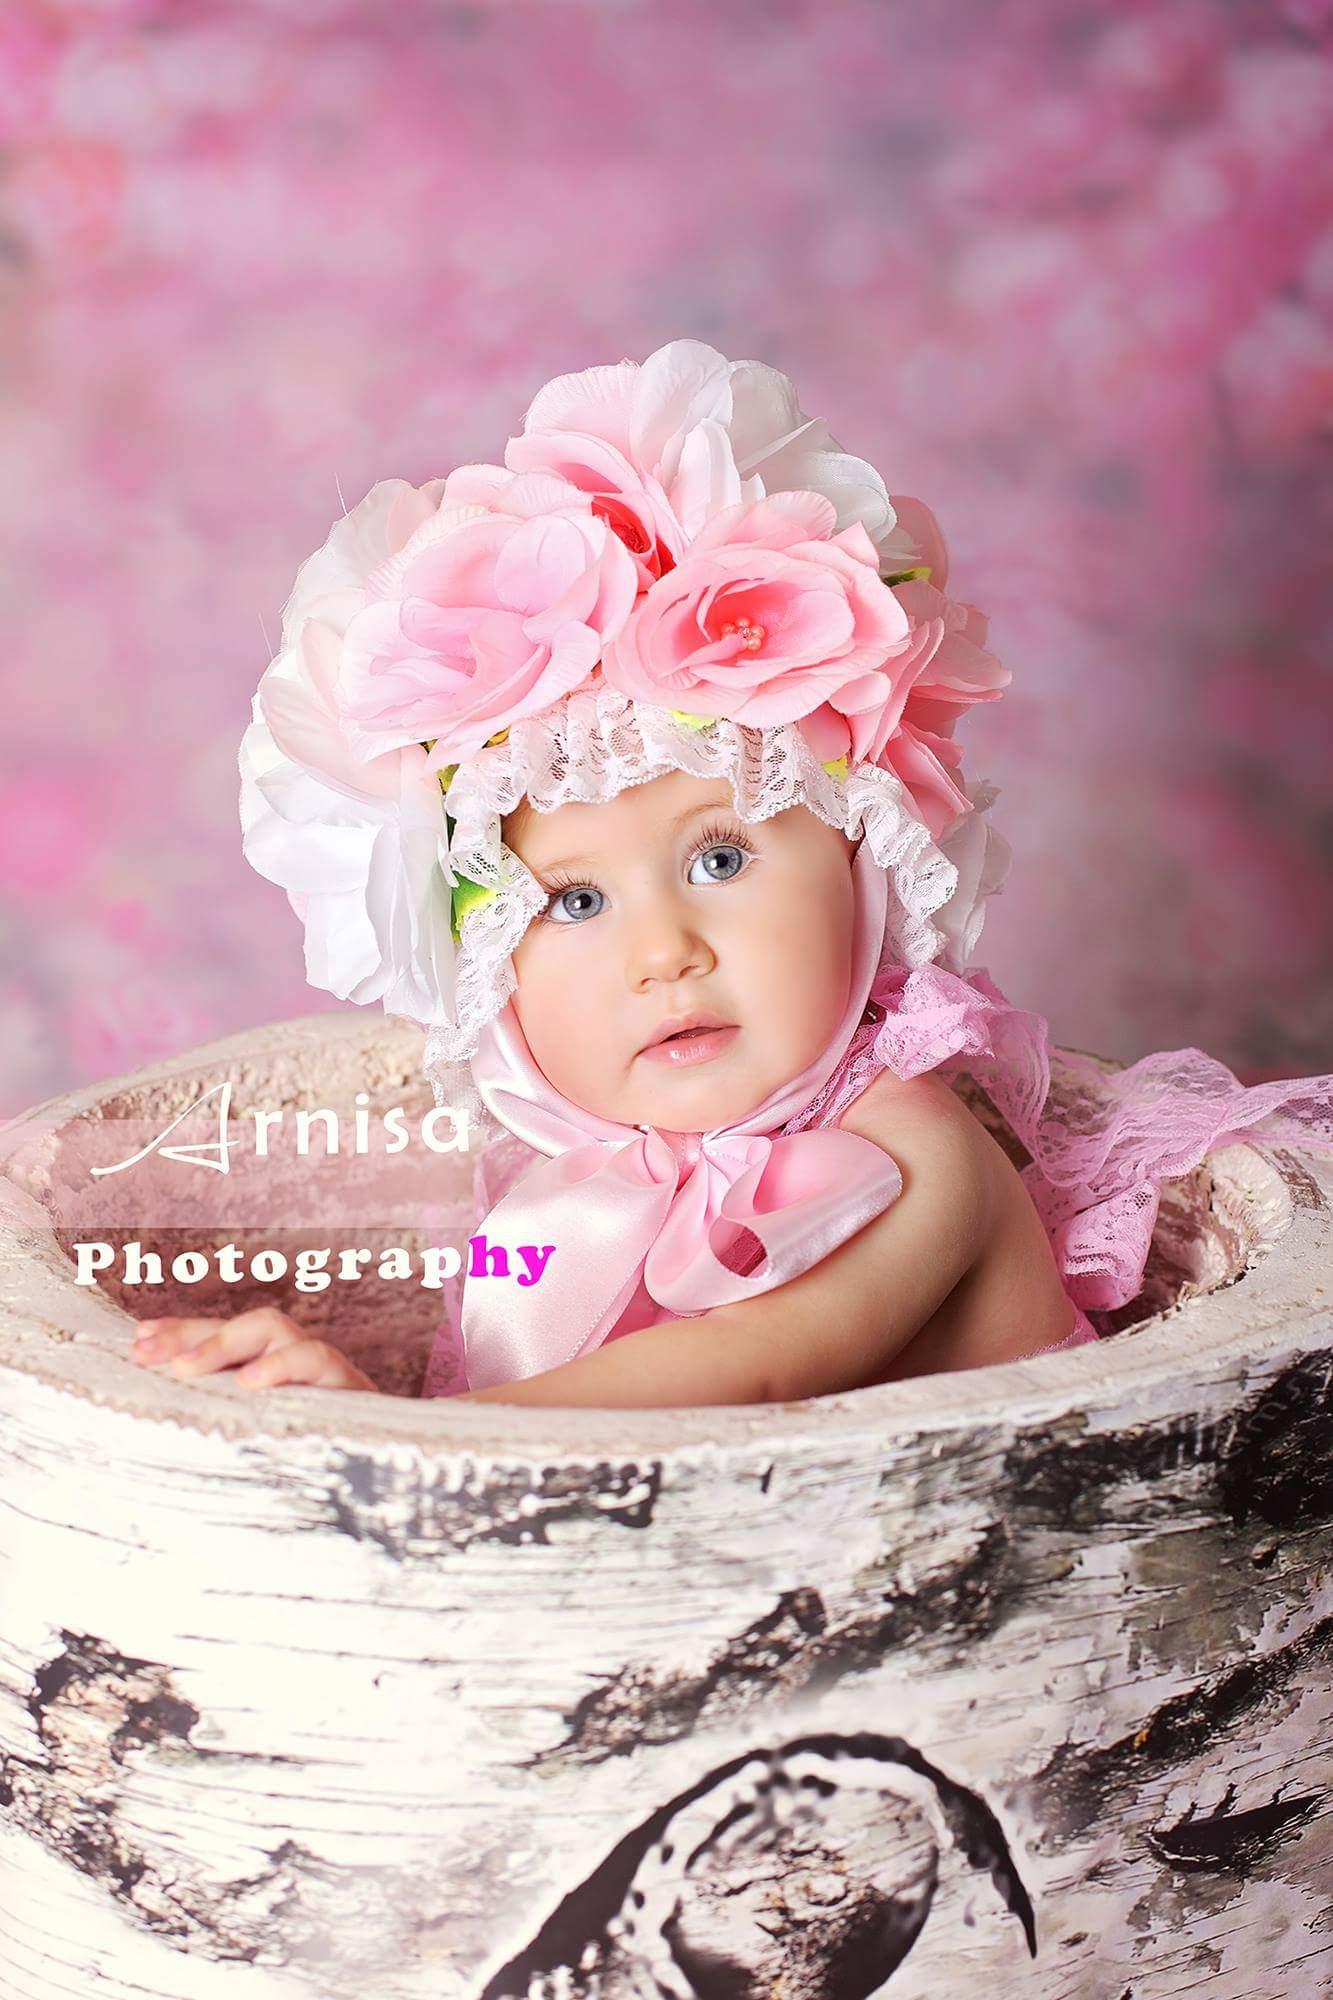 FB_IMG_1424170460517